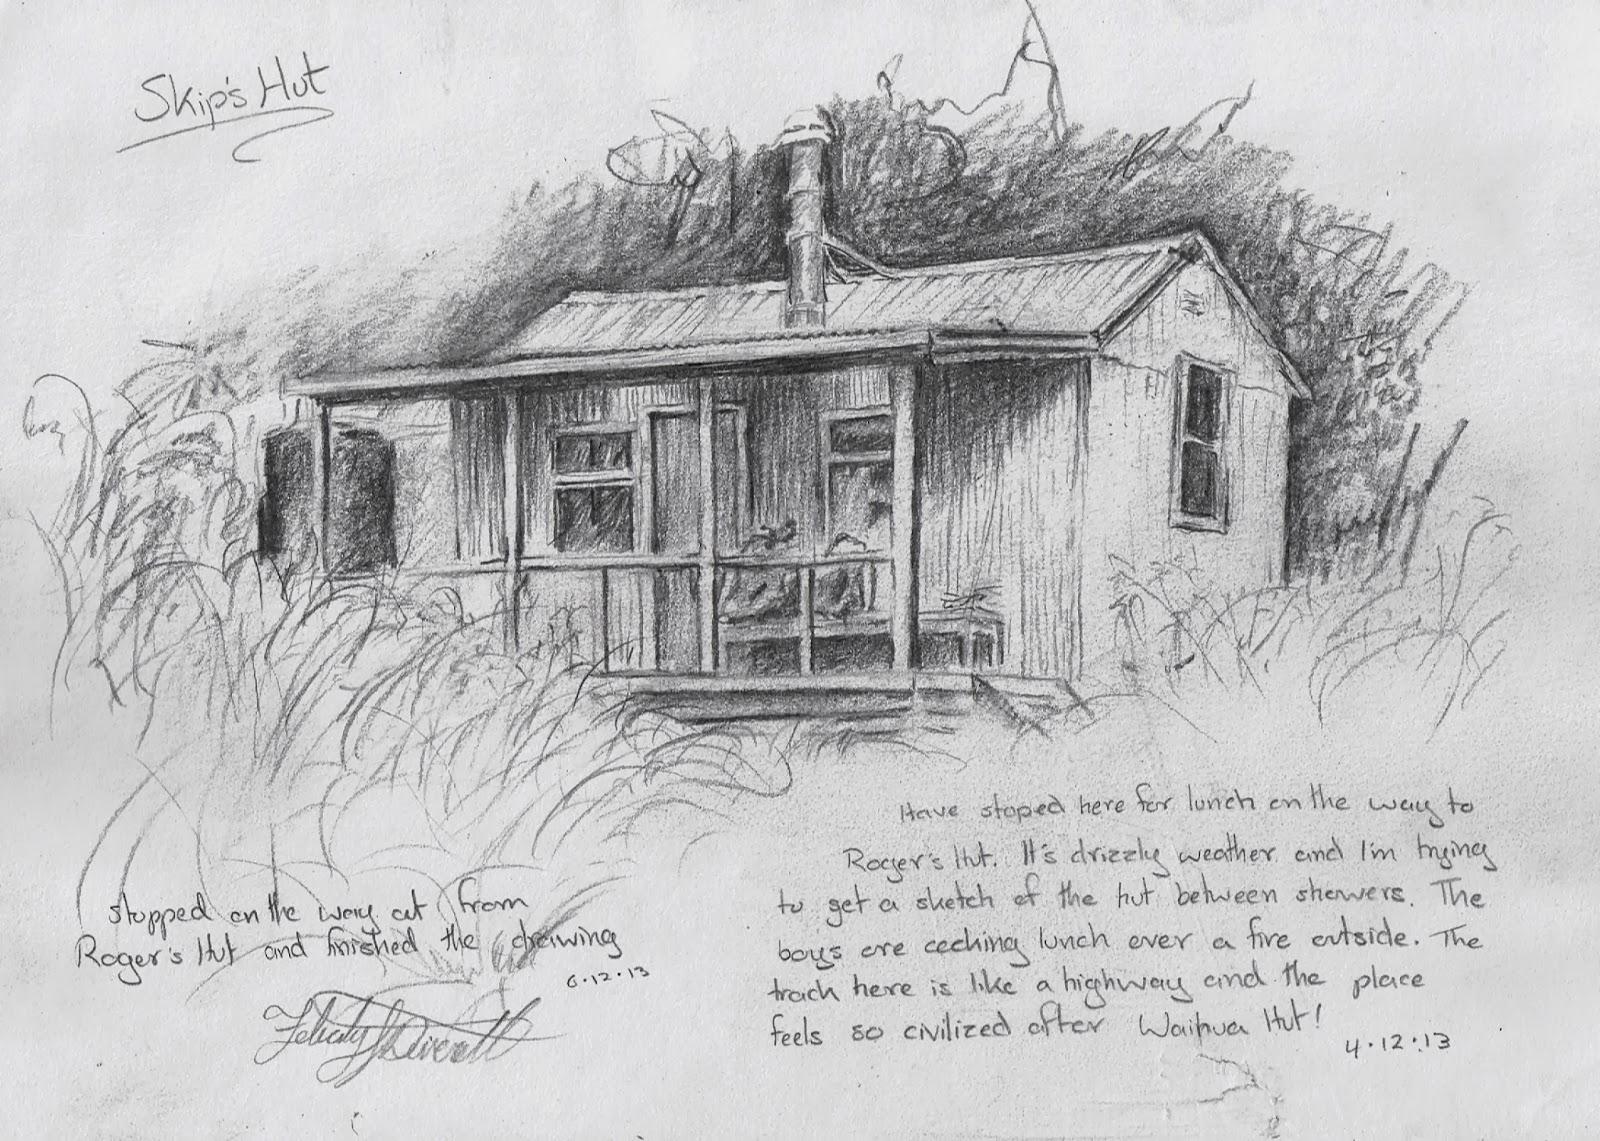 Felicity Deverell: Art of a Hut Tramp the First